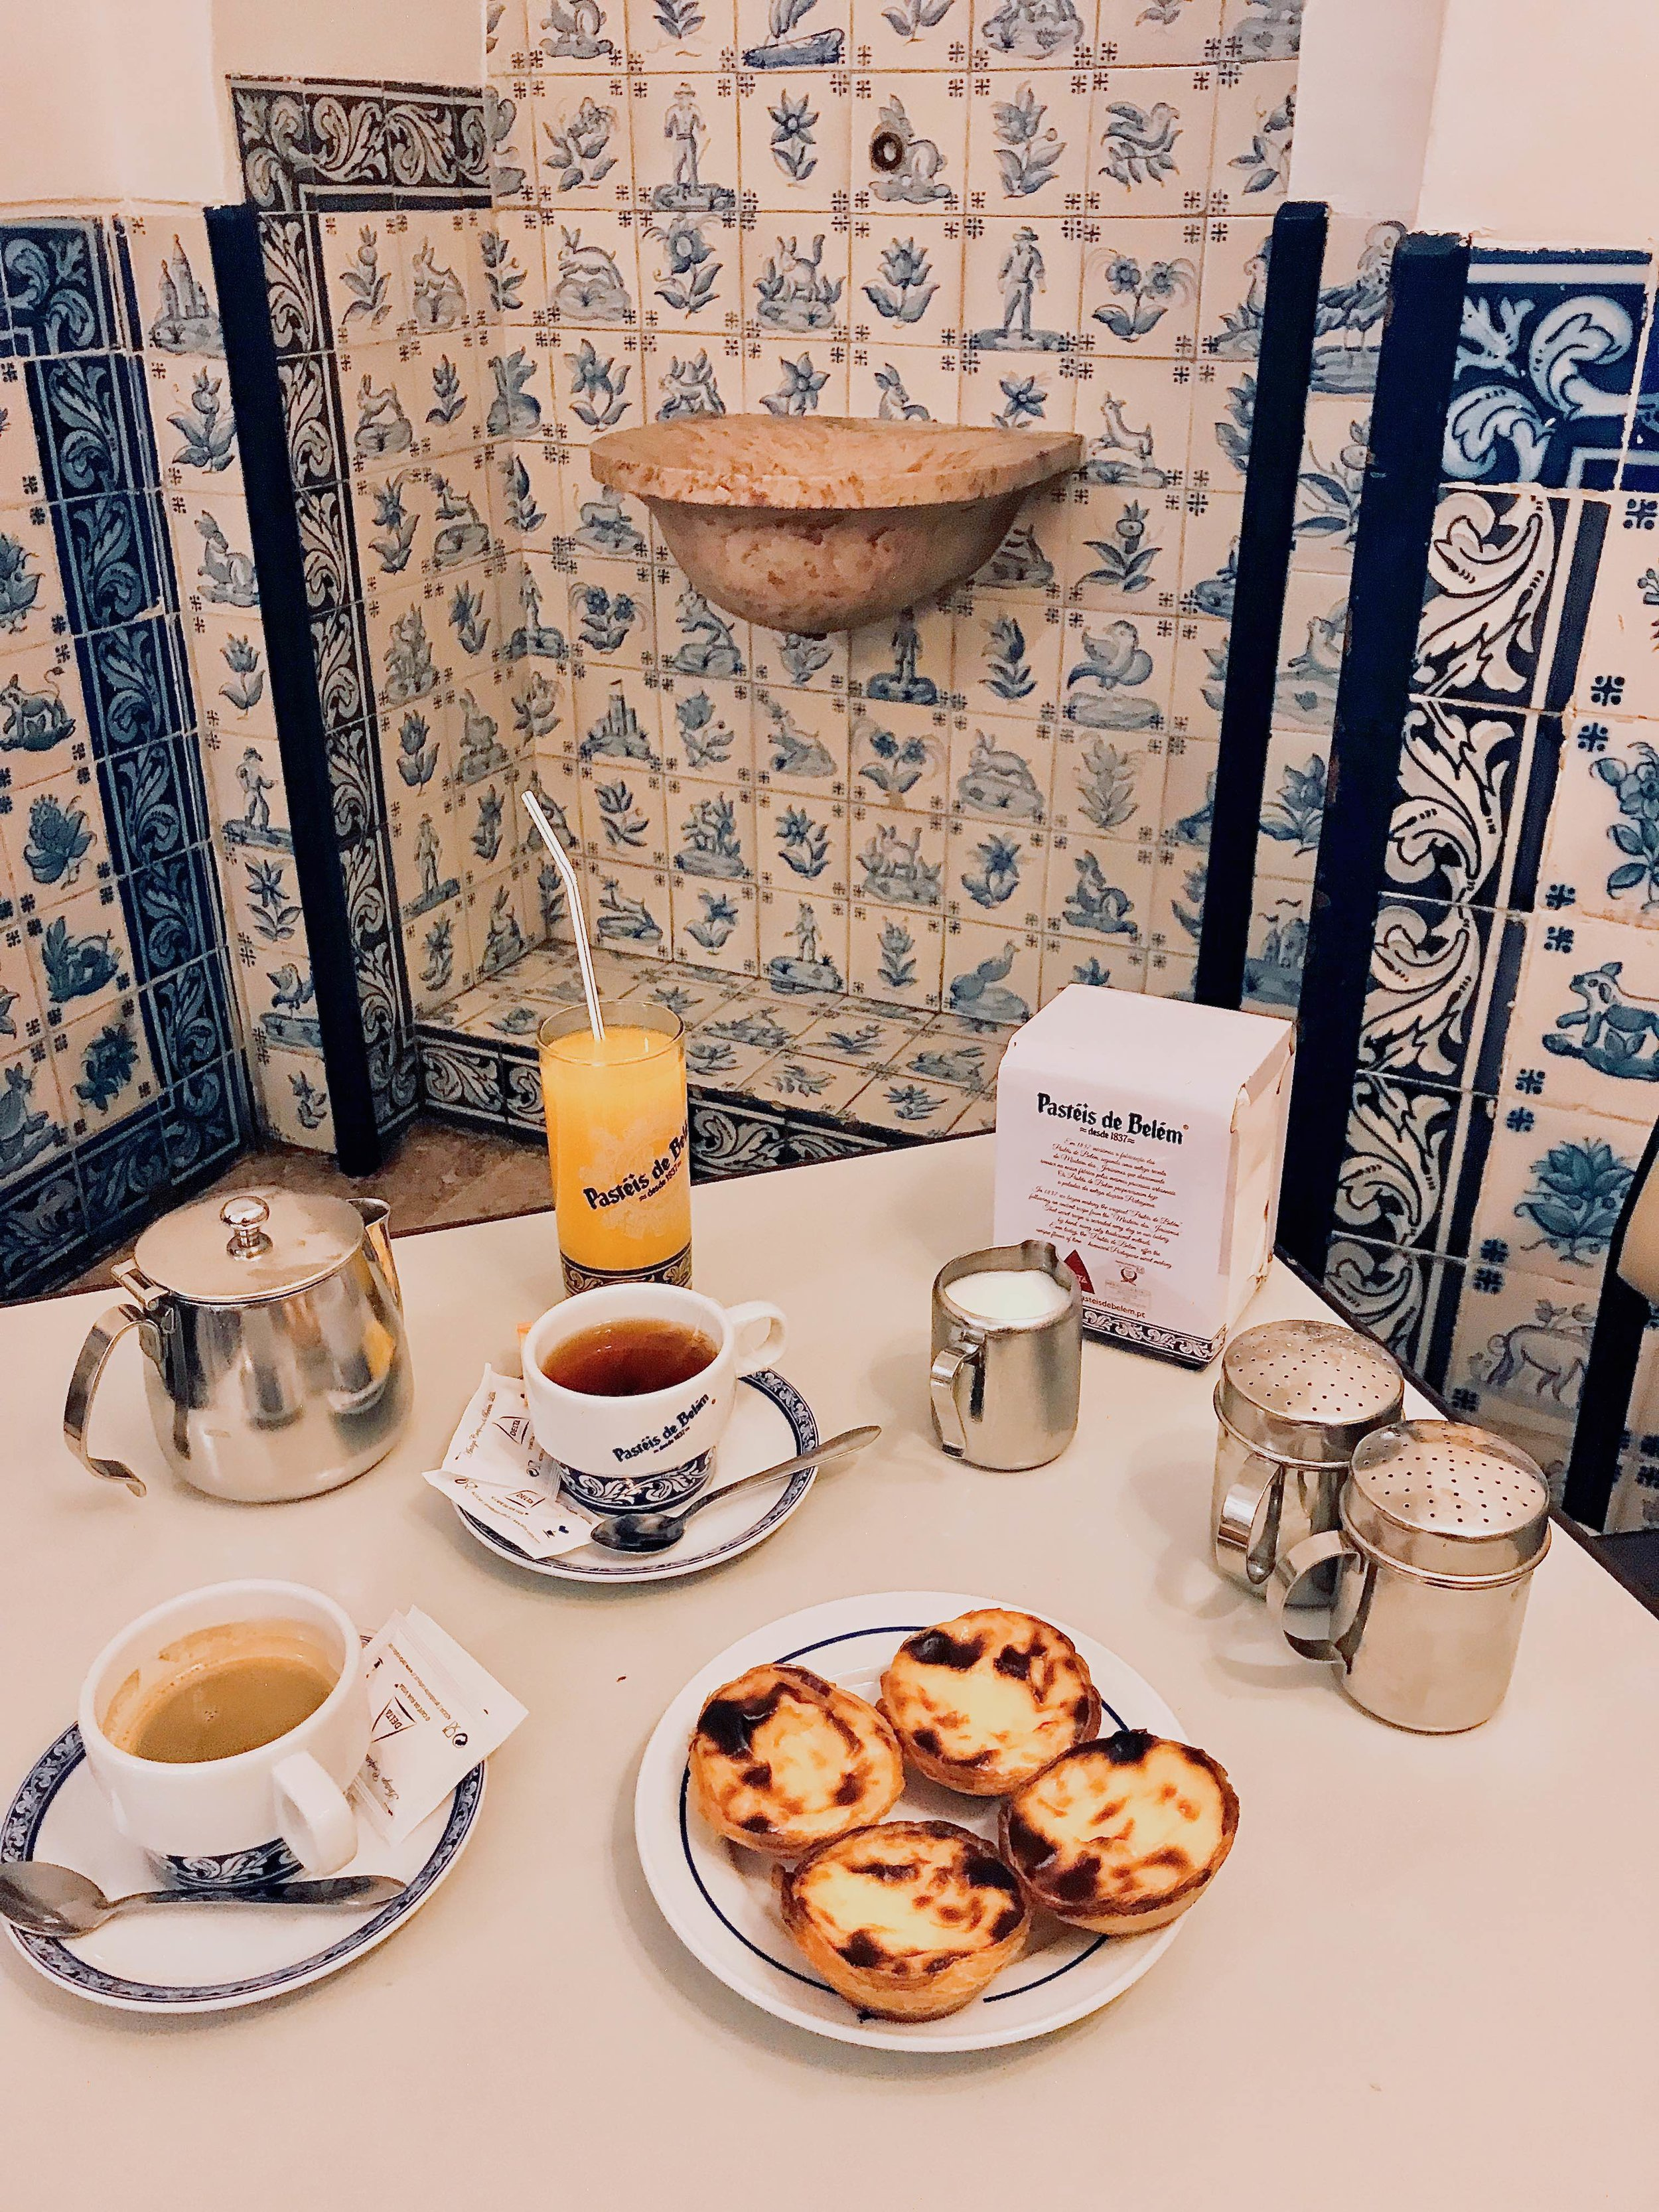 Unique experiences over 2 days in Lisbon | Pasteis de Belem